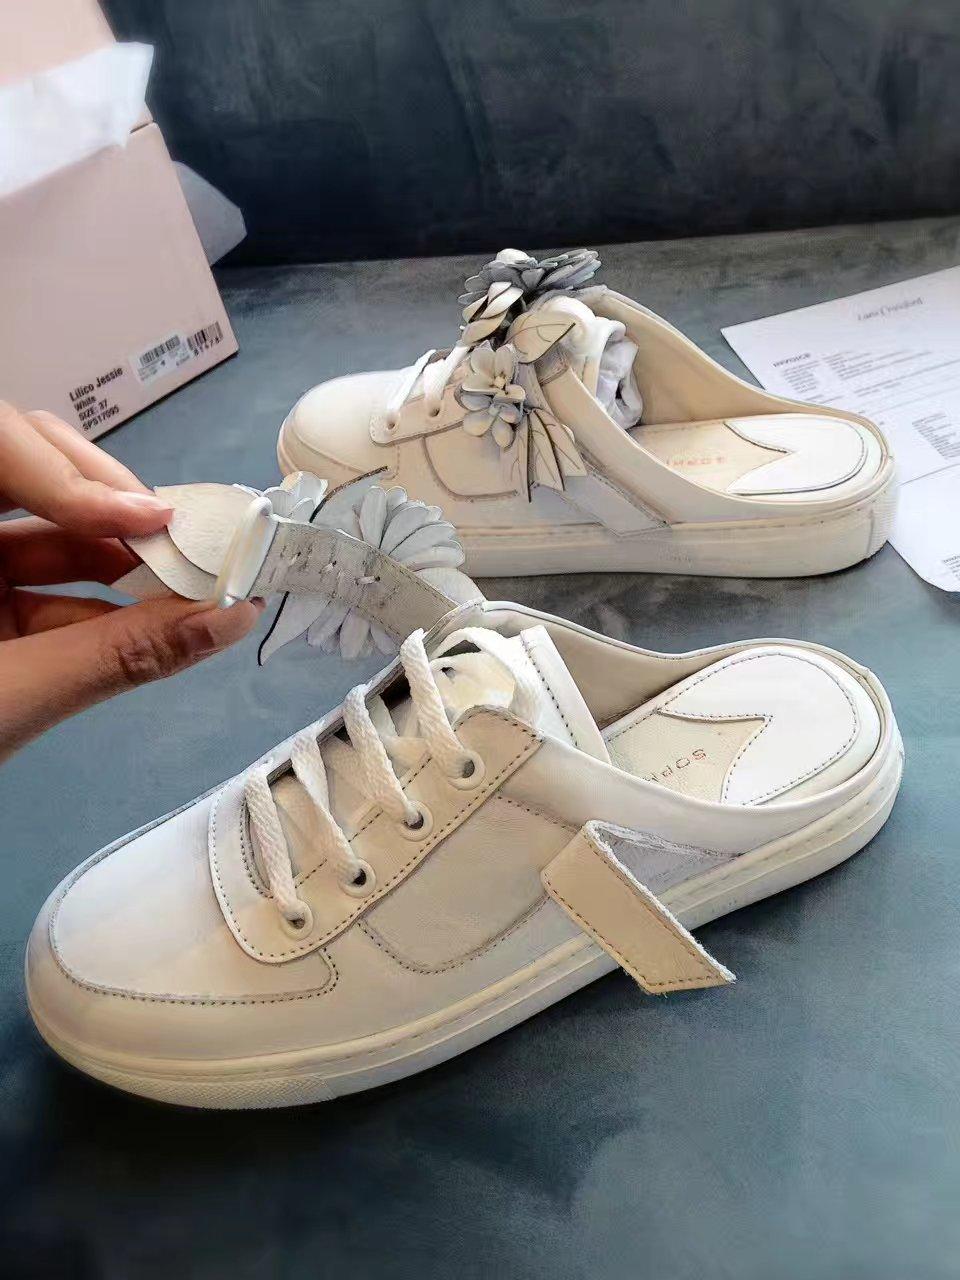 【SOPHIA WEBSTER女鞋】17ss专柜同款拖鞋